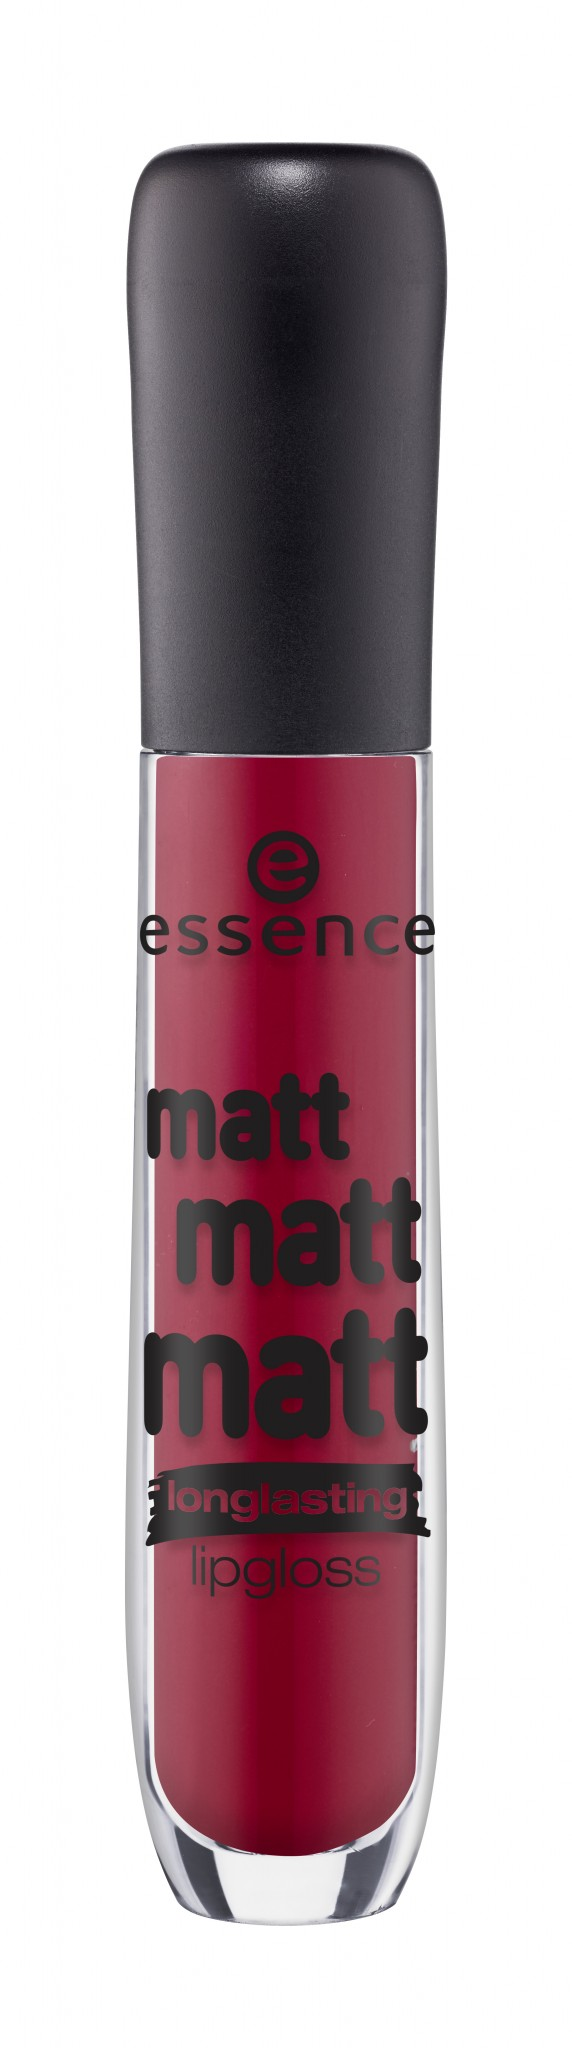 ess_MattMattMatt_Lipdgloss04